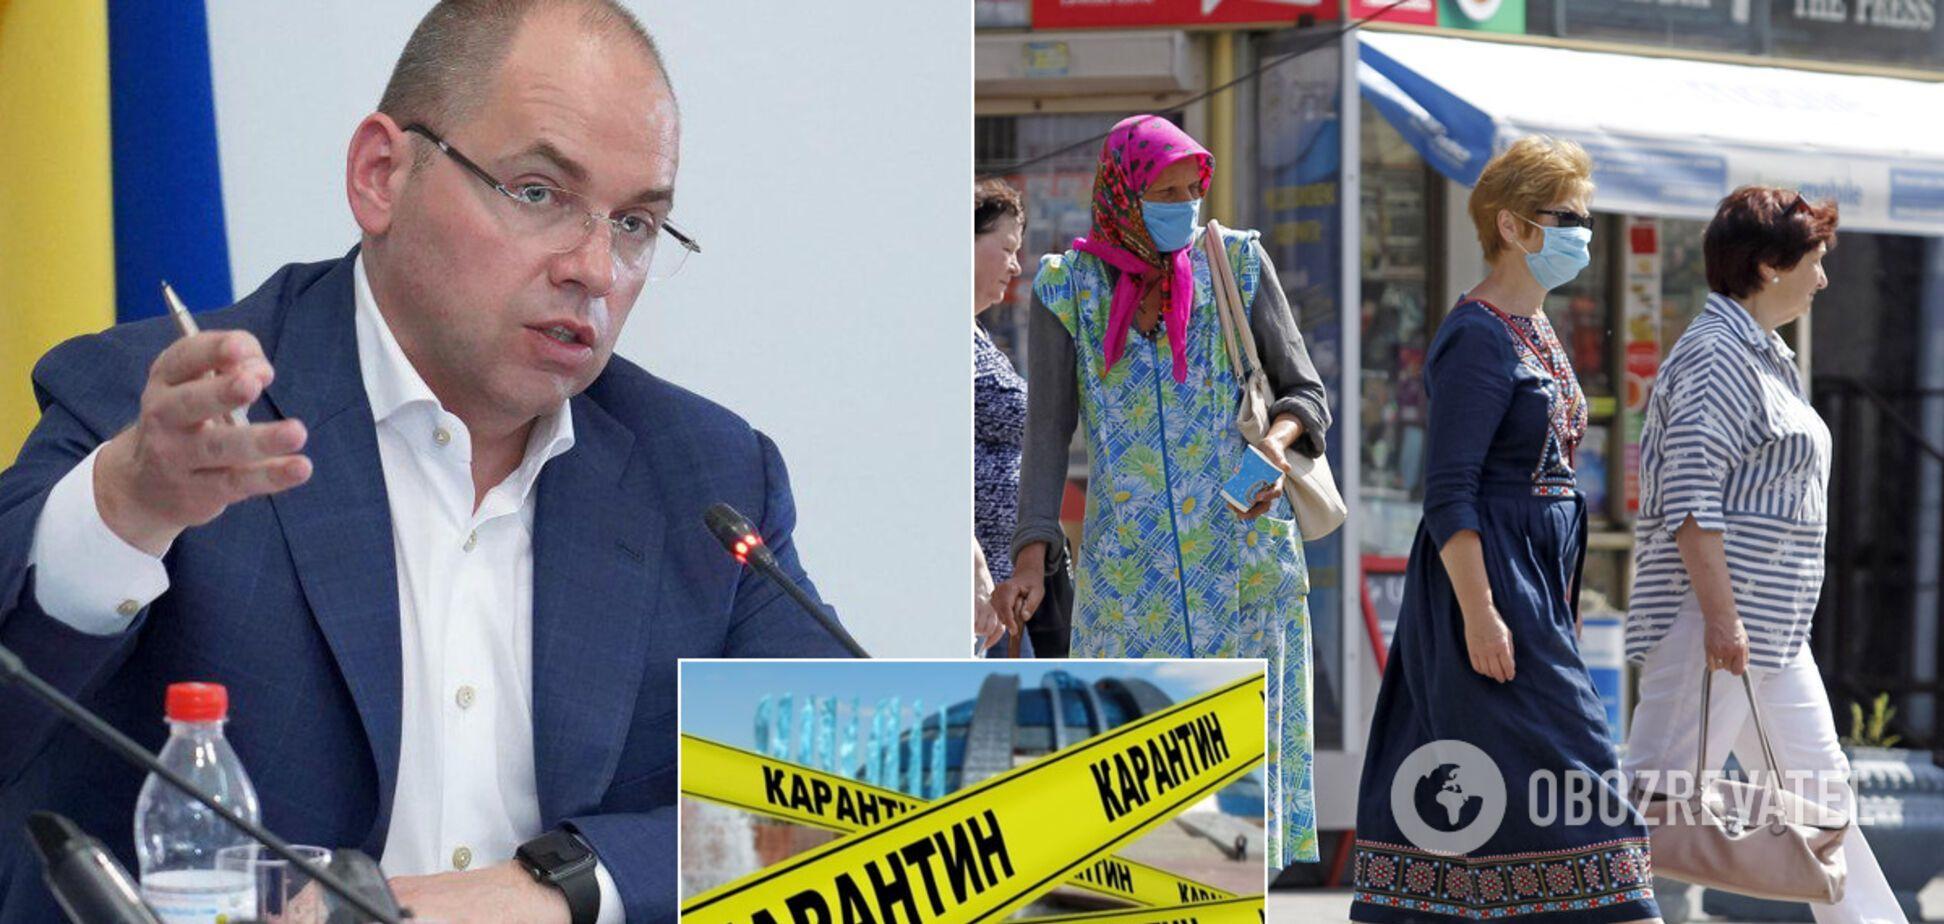 Степанов сказал, что должен делать Минздрав на карантине